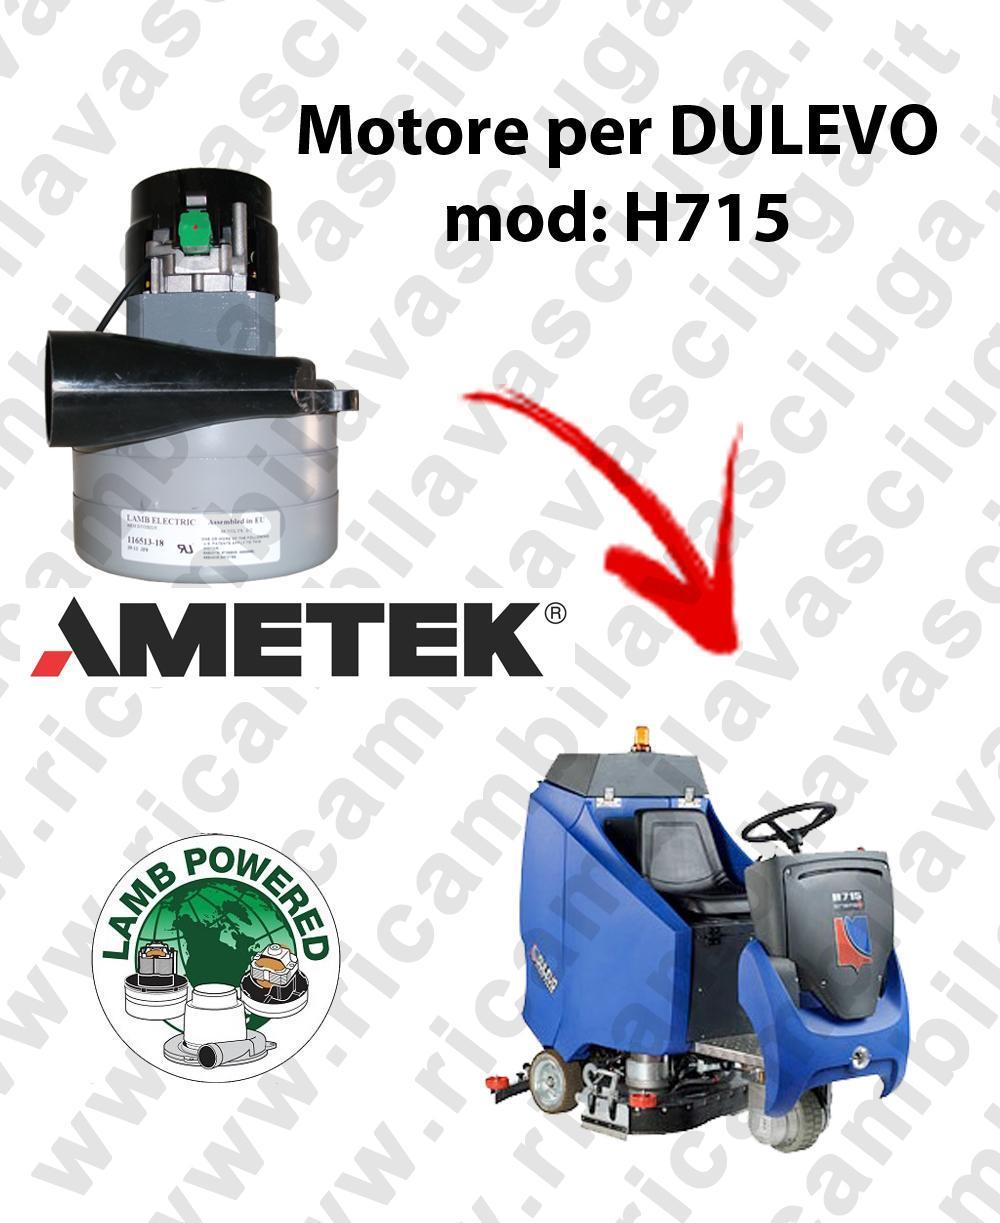 H715 LAMB AMETEK vacuum motor for scrubber dryer DULEVO